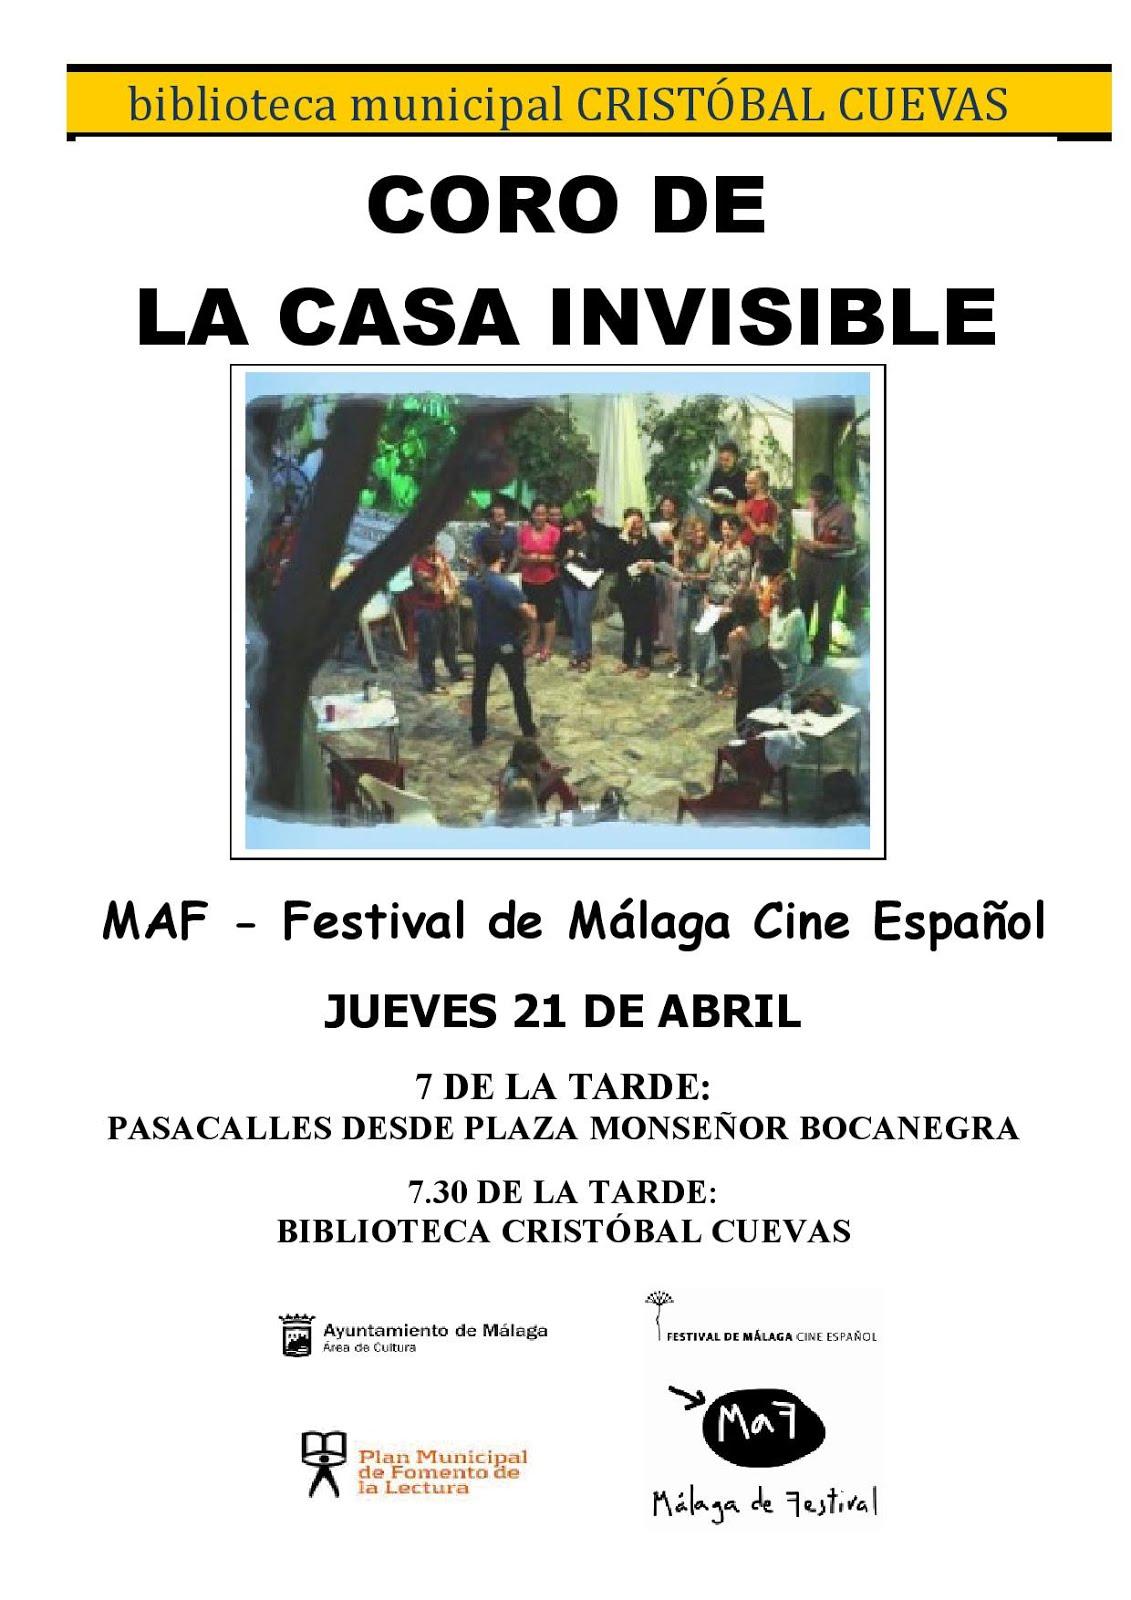 """MaF2016 Festival de Málaga en Bibliotecas.El Coro de la Casa Invisible se """"viste de cine""""."""